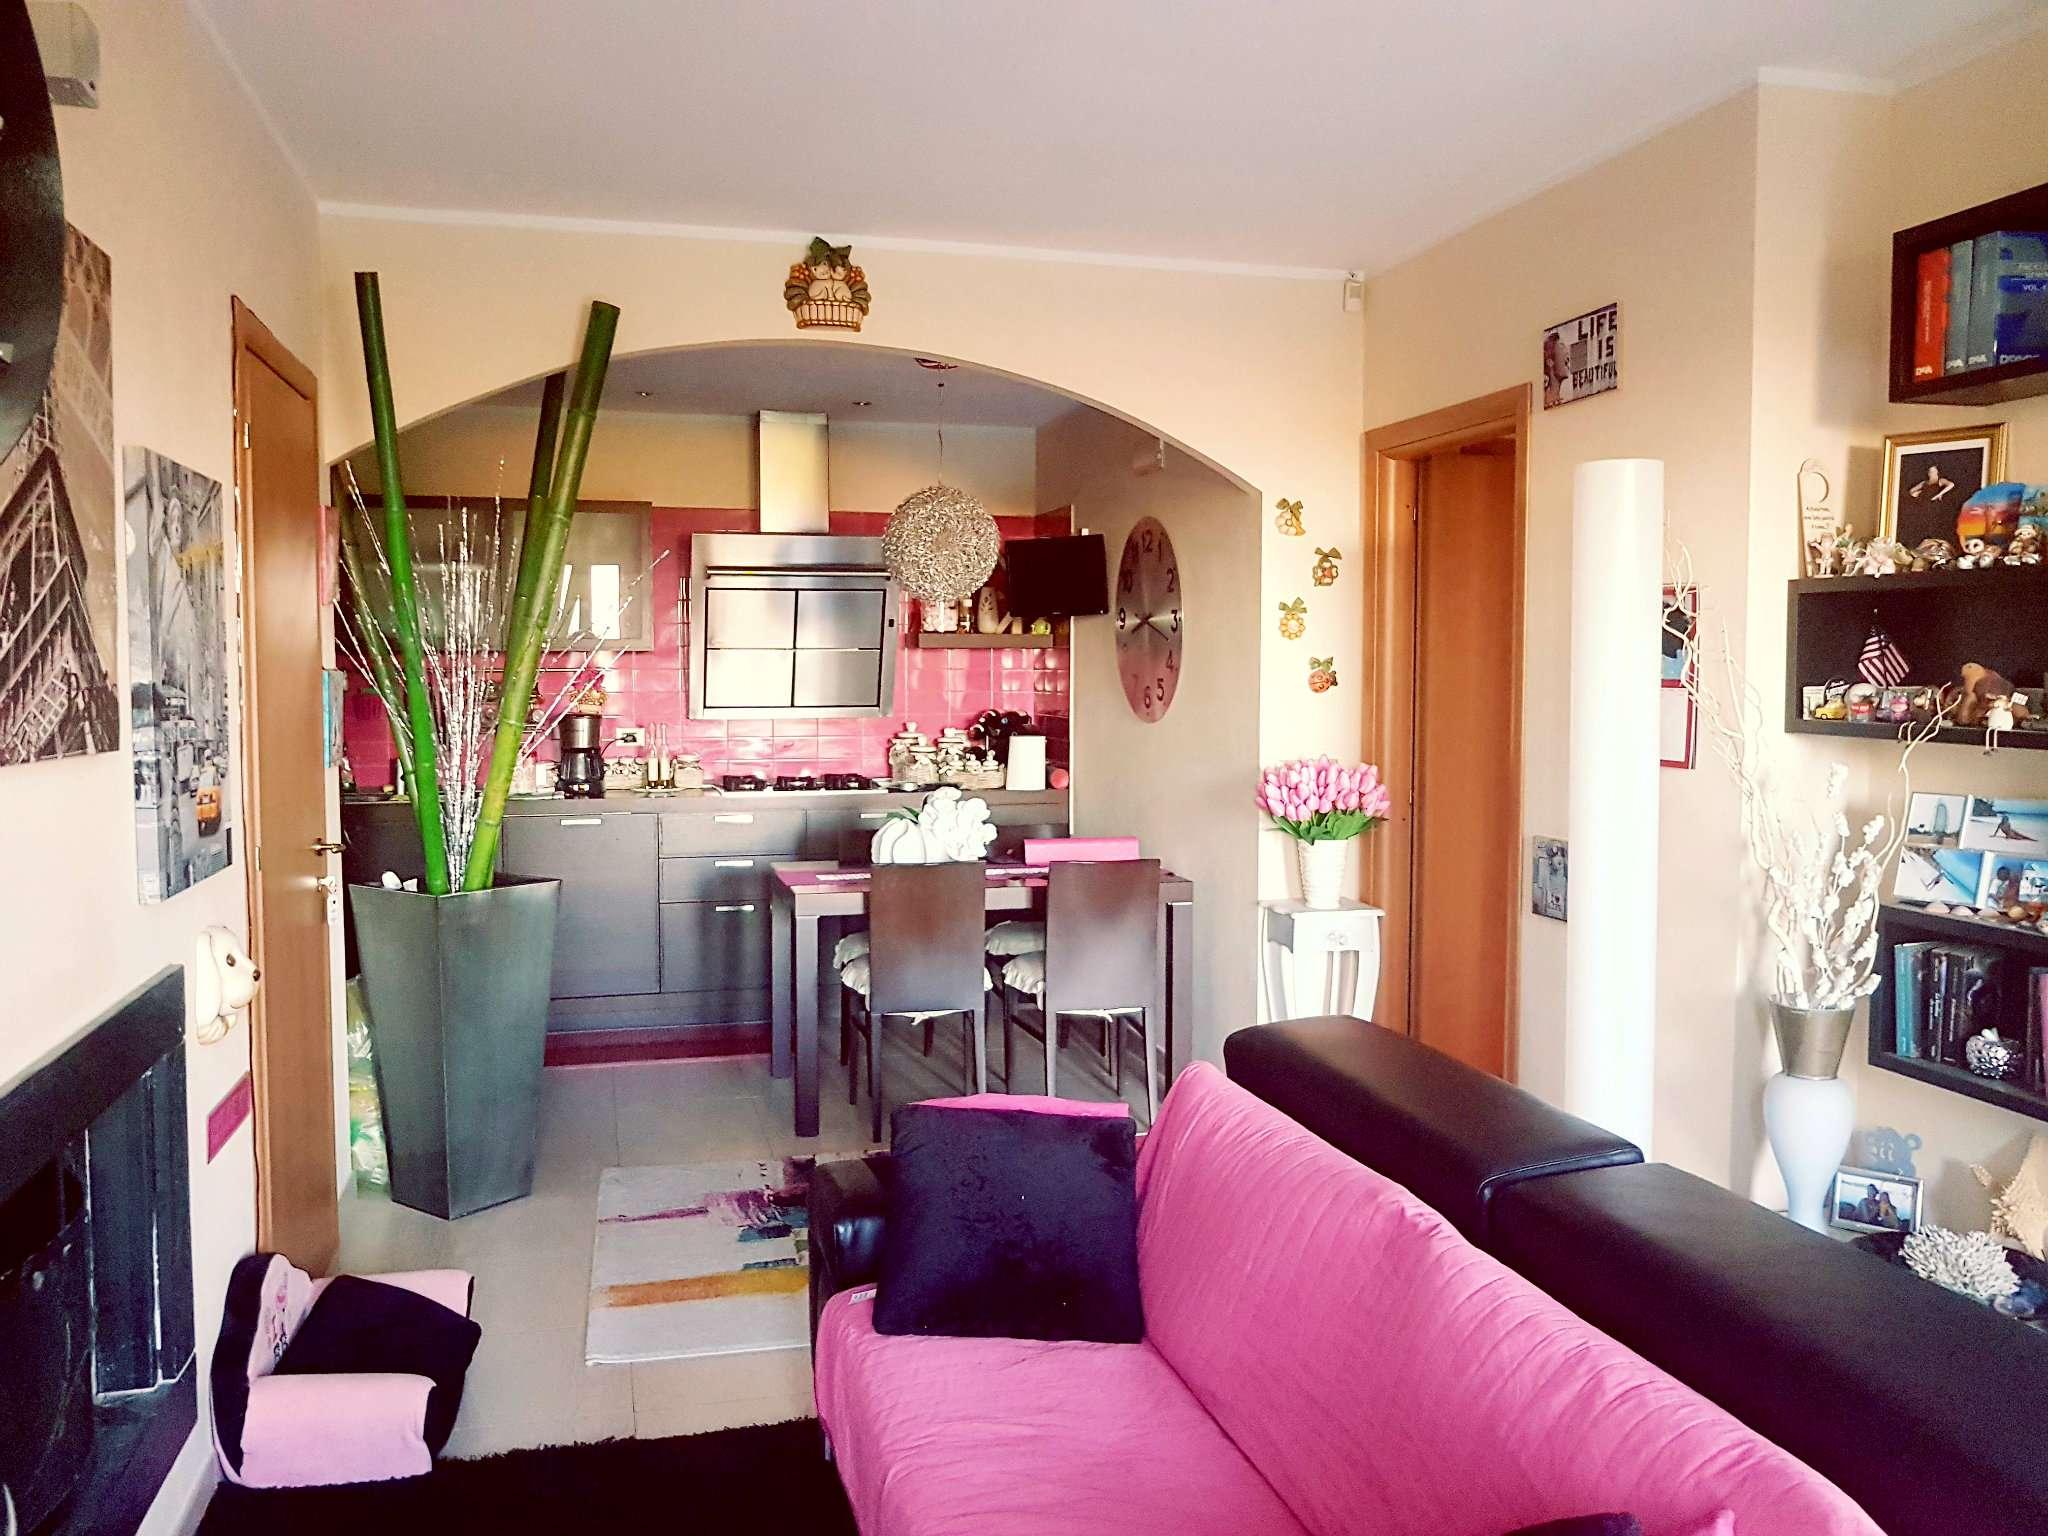 Appartamento in vendita a Marciano della Chiana, 3 locali, prezzo € 129.000 | CambioCasa.it